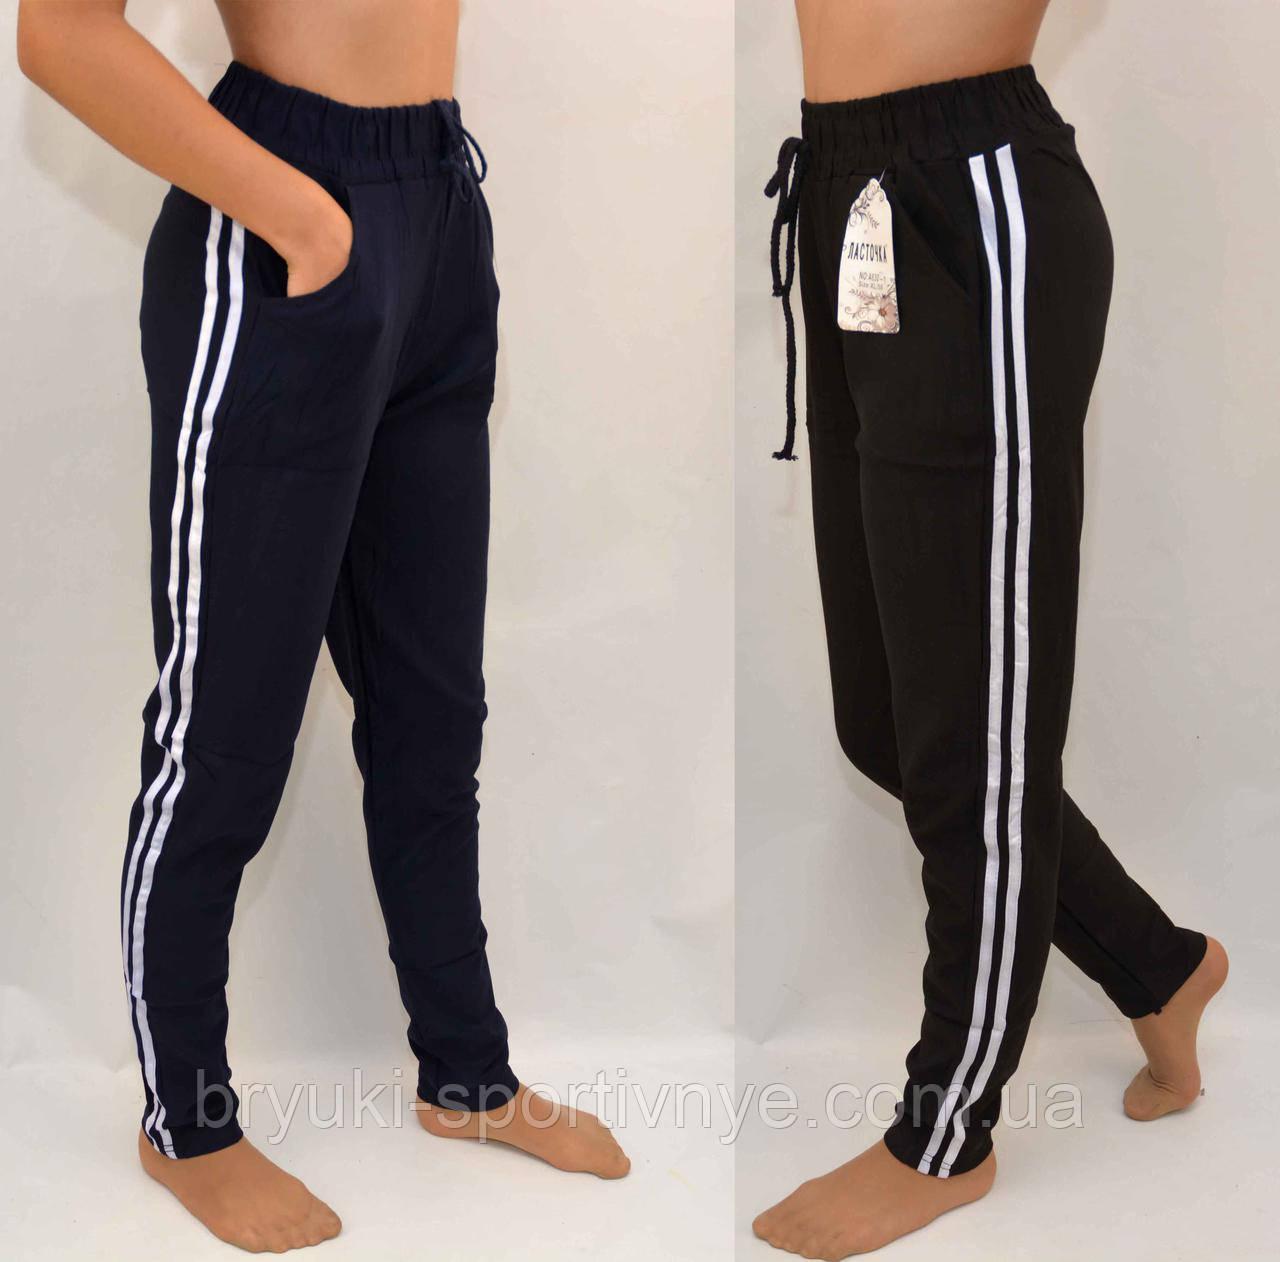 Штани жіночі спортивні з двома смугами XL - 4XL